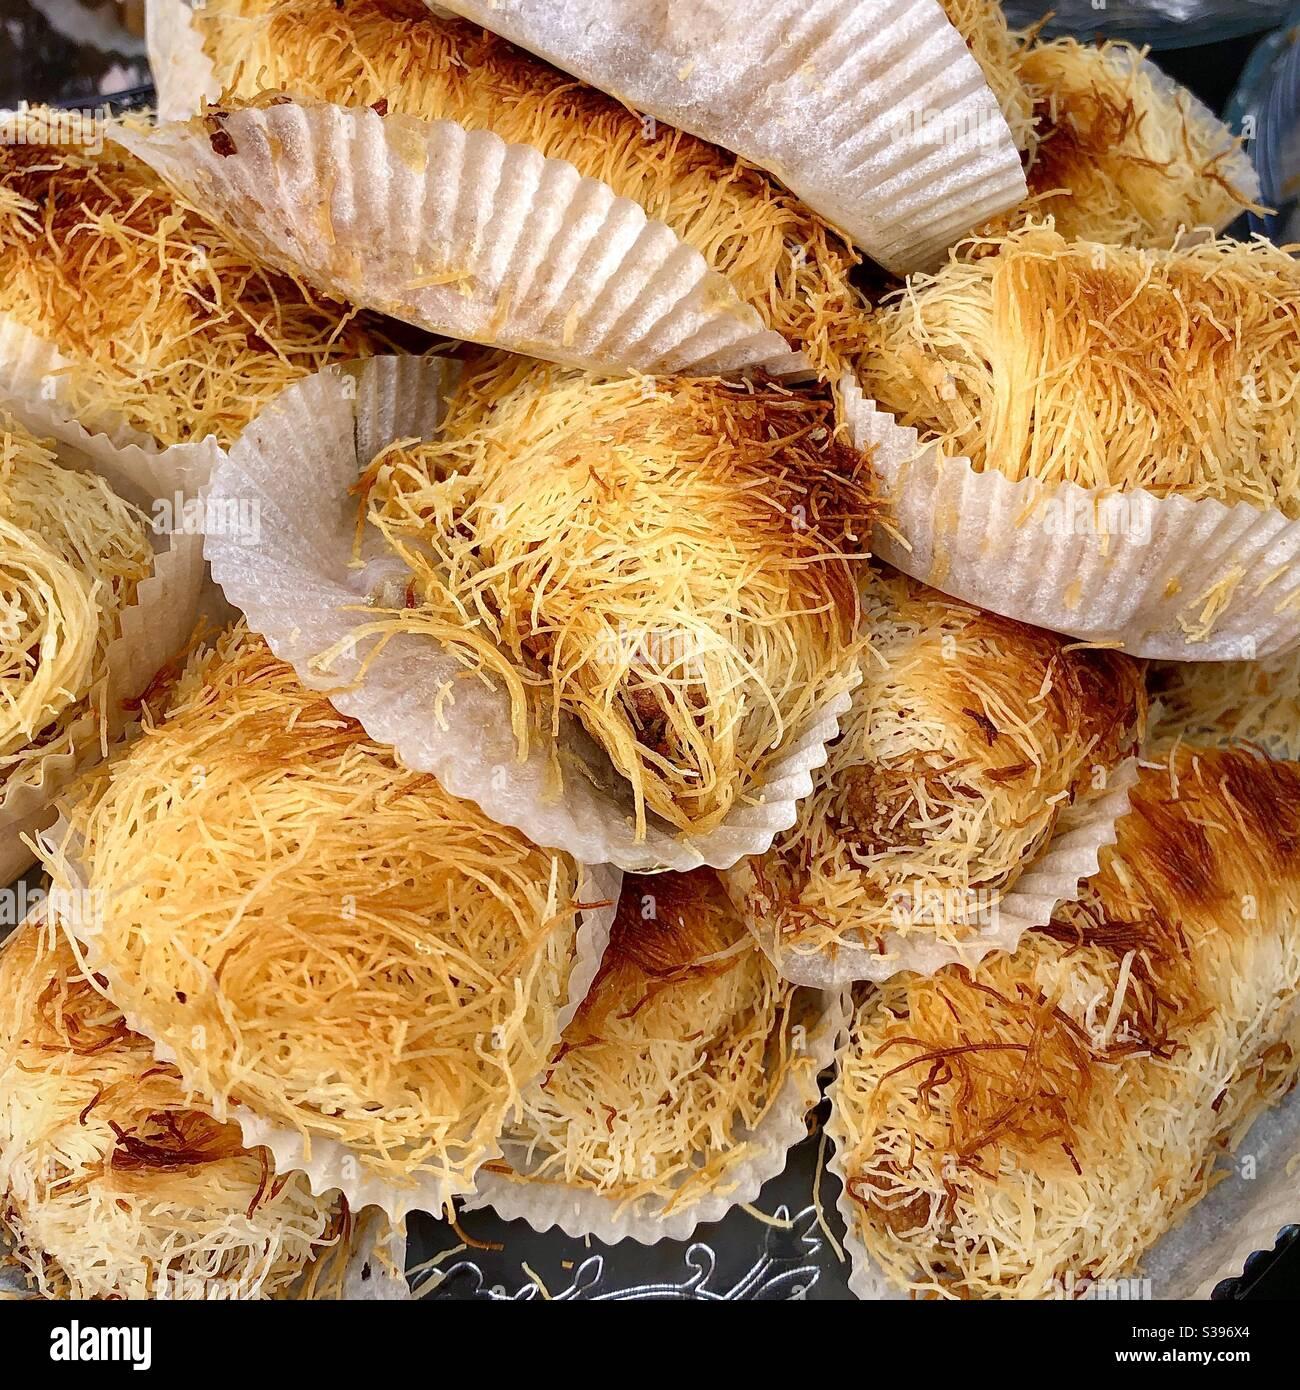 Exposition de gâteaux de lave orientaux au marché arabe de Châtellerault, Vienne (86), France. Banque D'Images